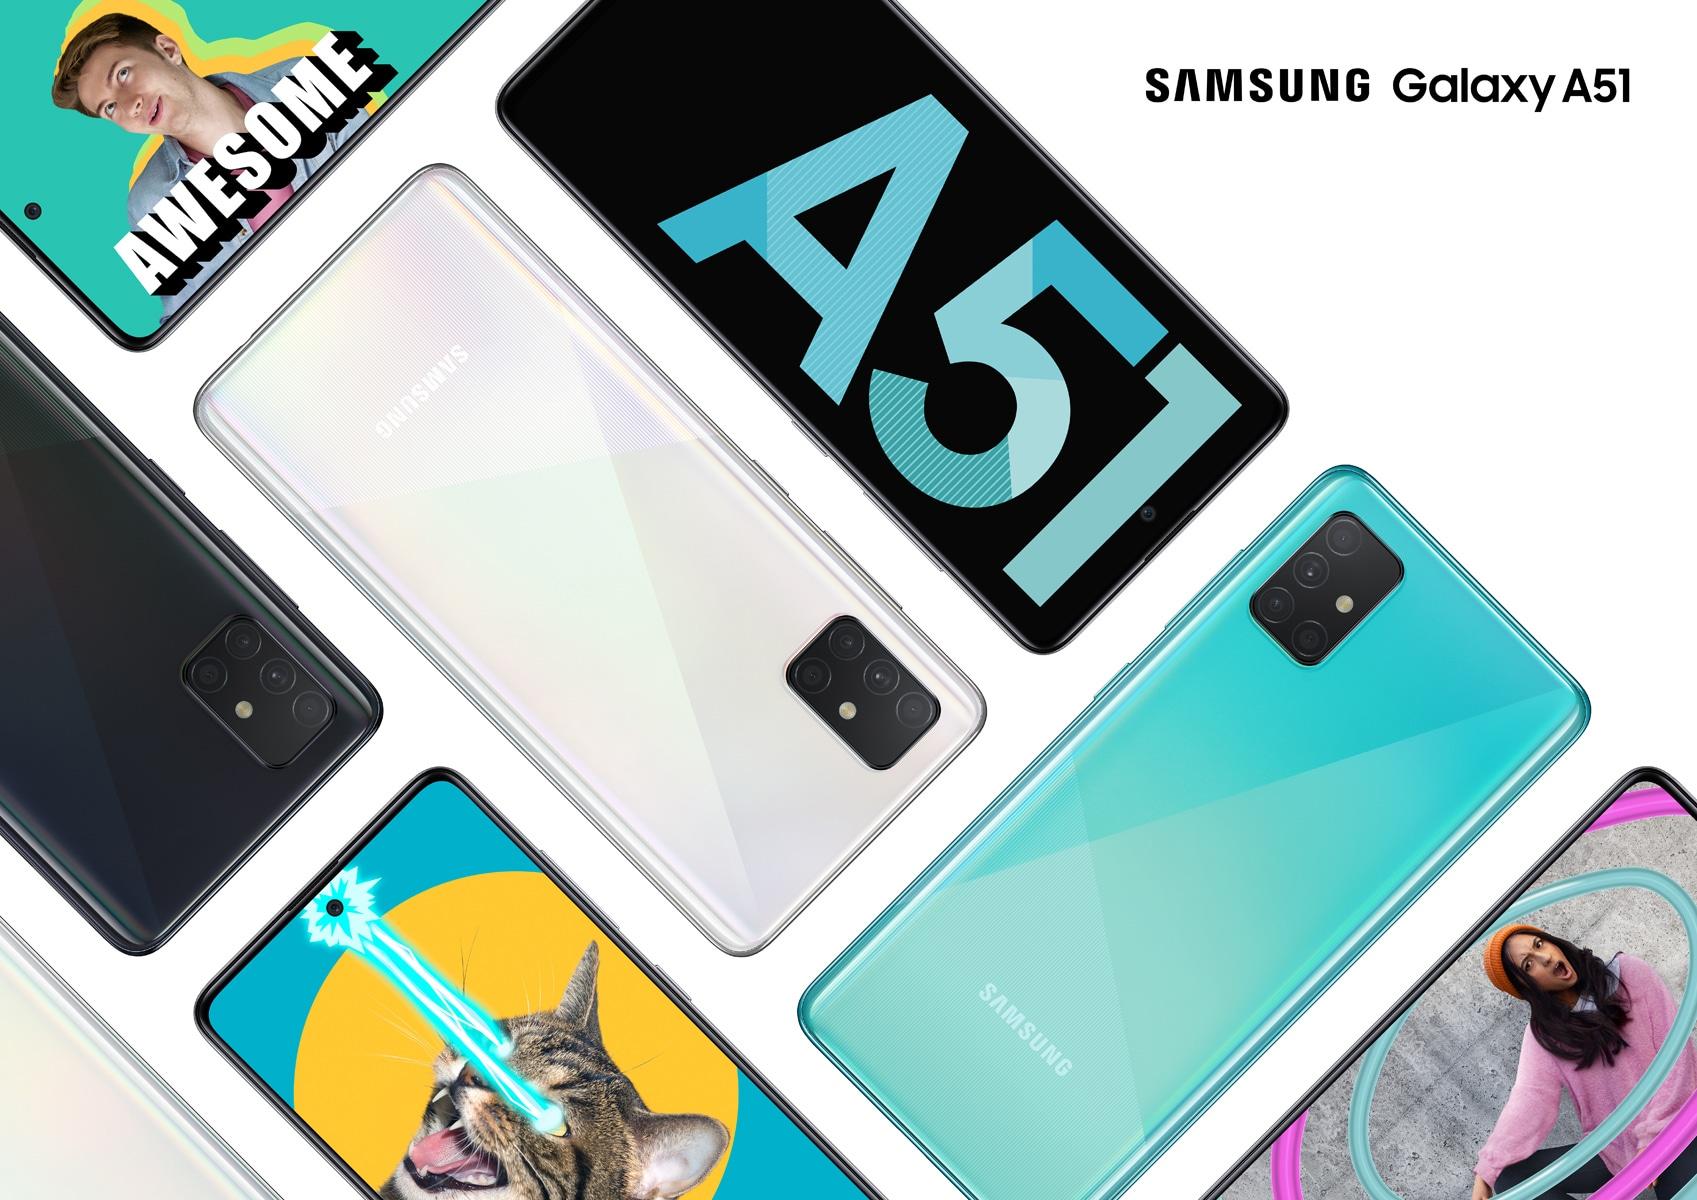 La distribuzione della One UI 3.1 per il Samsung Galaxy A51 inizia dalla Russia